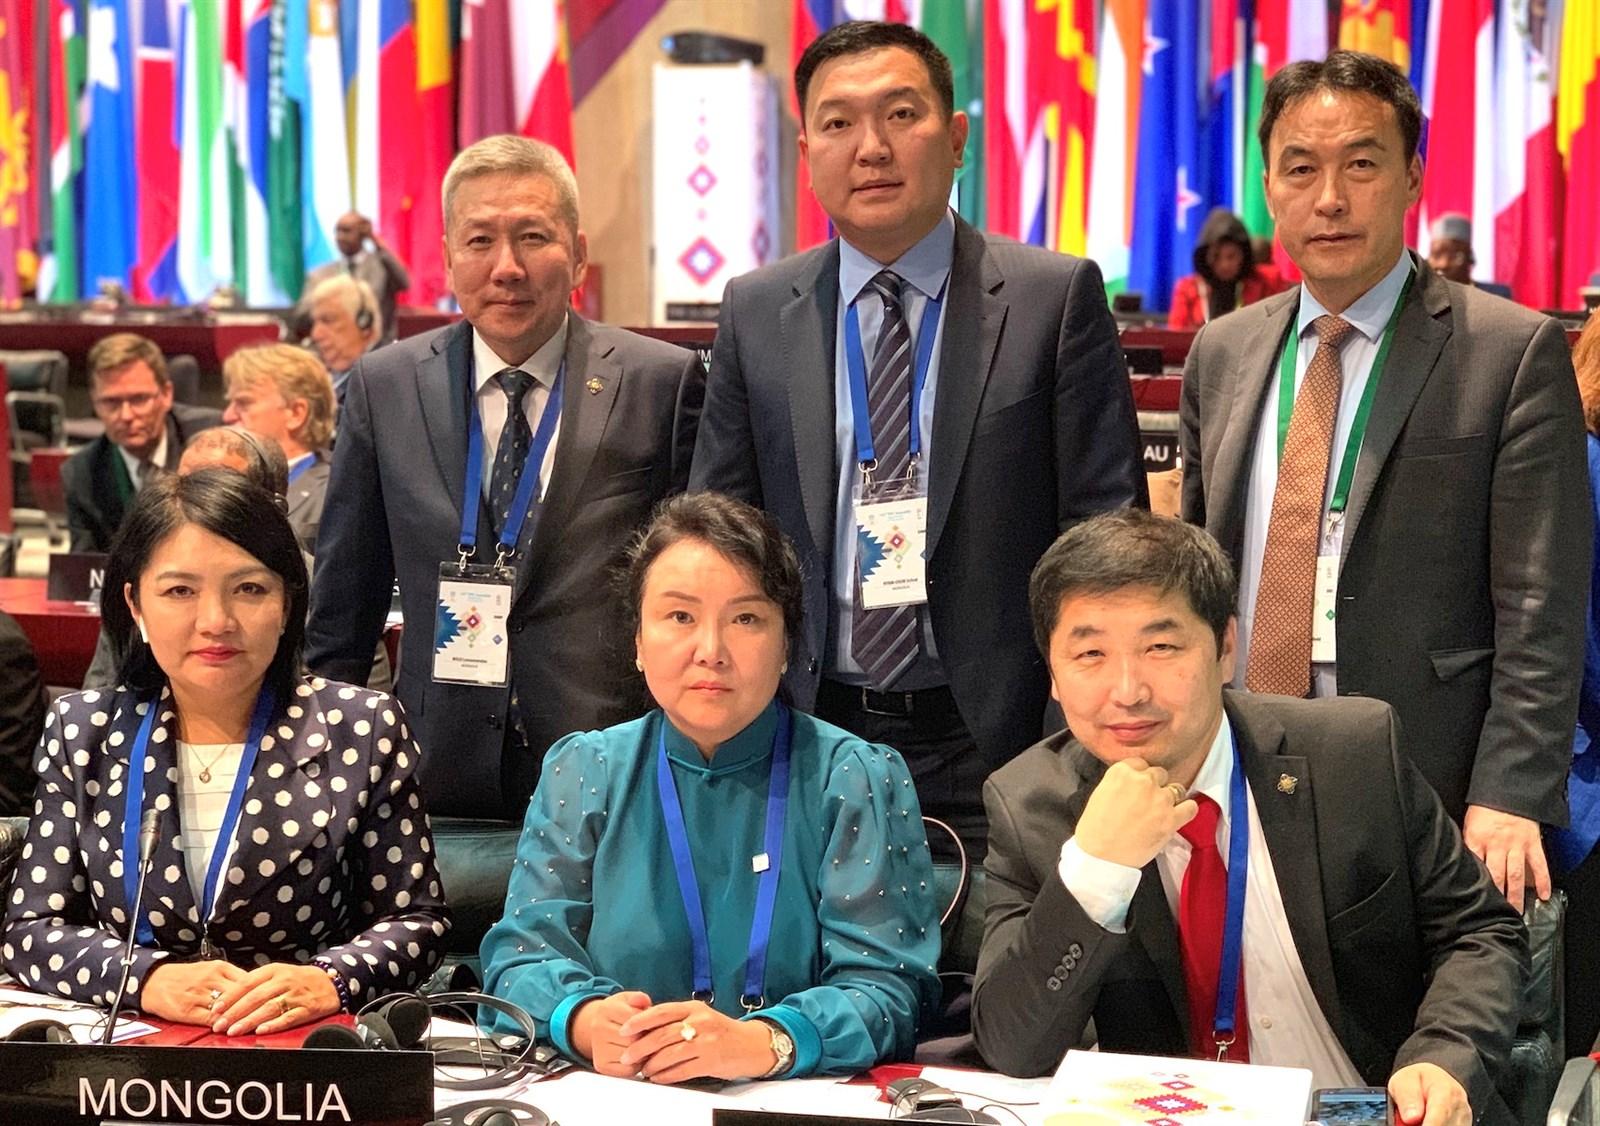 Монгол Улсын Их Хурлын төлөөлөгчид ОУПХ-ны 141 дүгээр ассамблейд оролцов